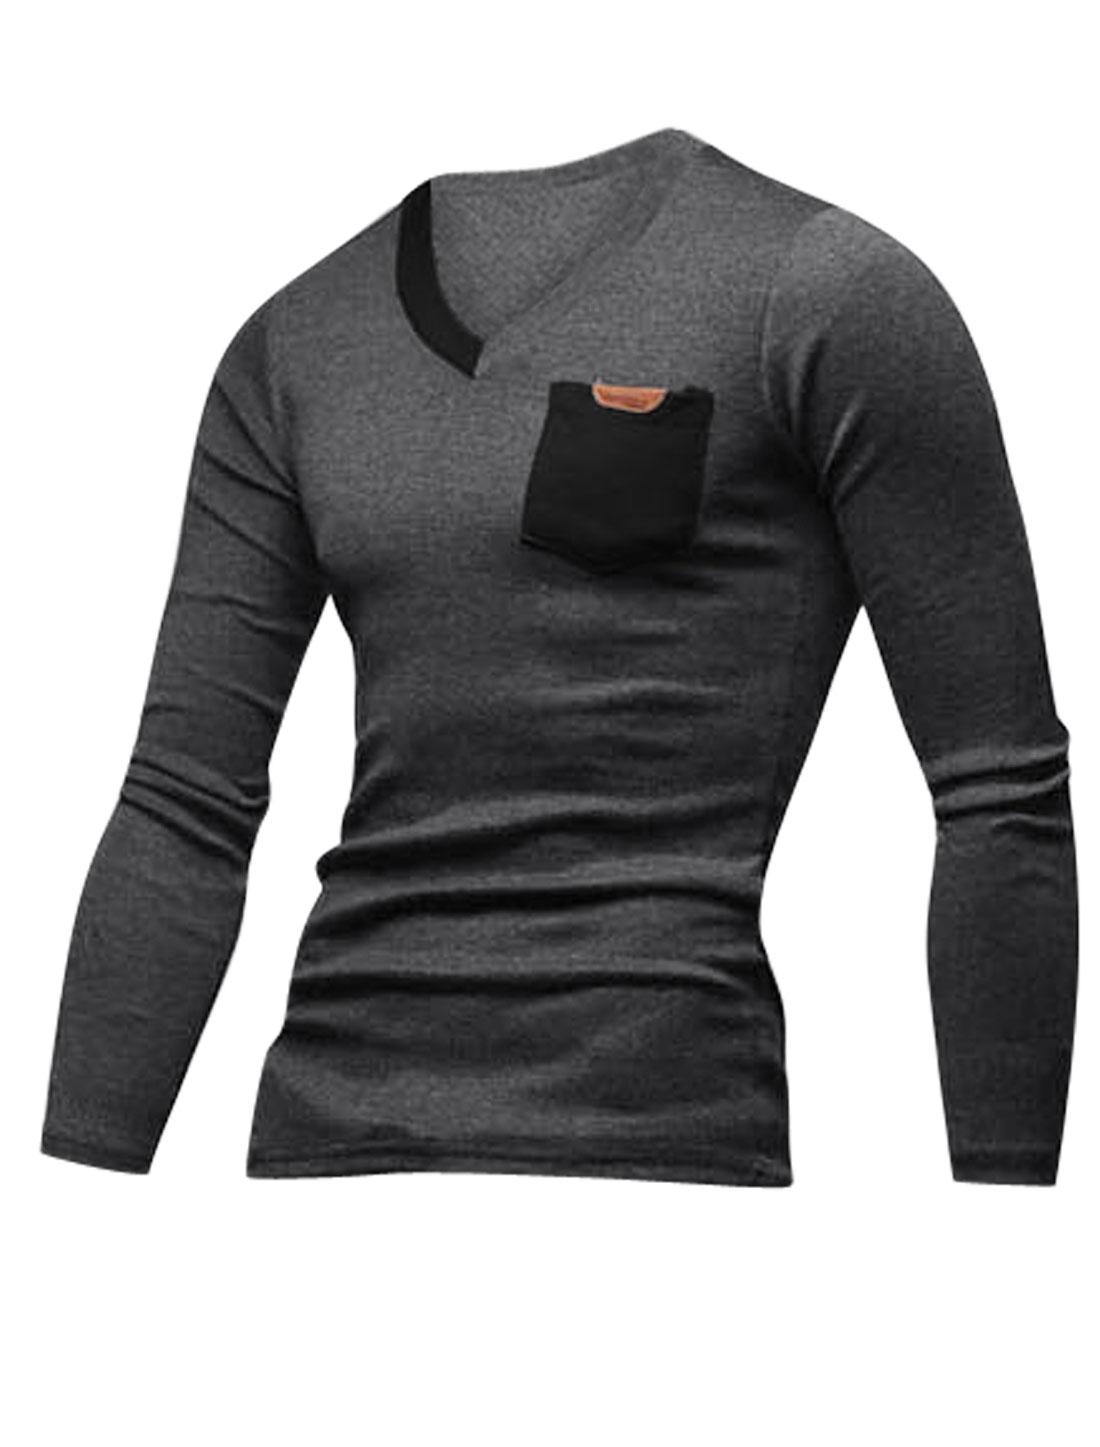 Men Long Sleeves V Neckline Slipover Trendy T-Shirt Dark Gray Black M